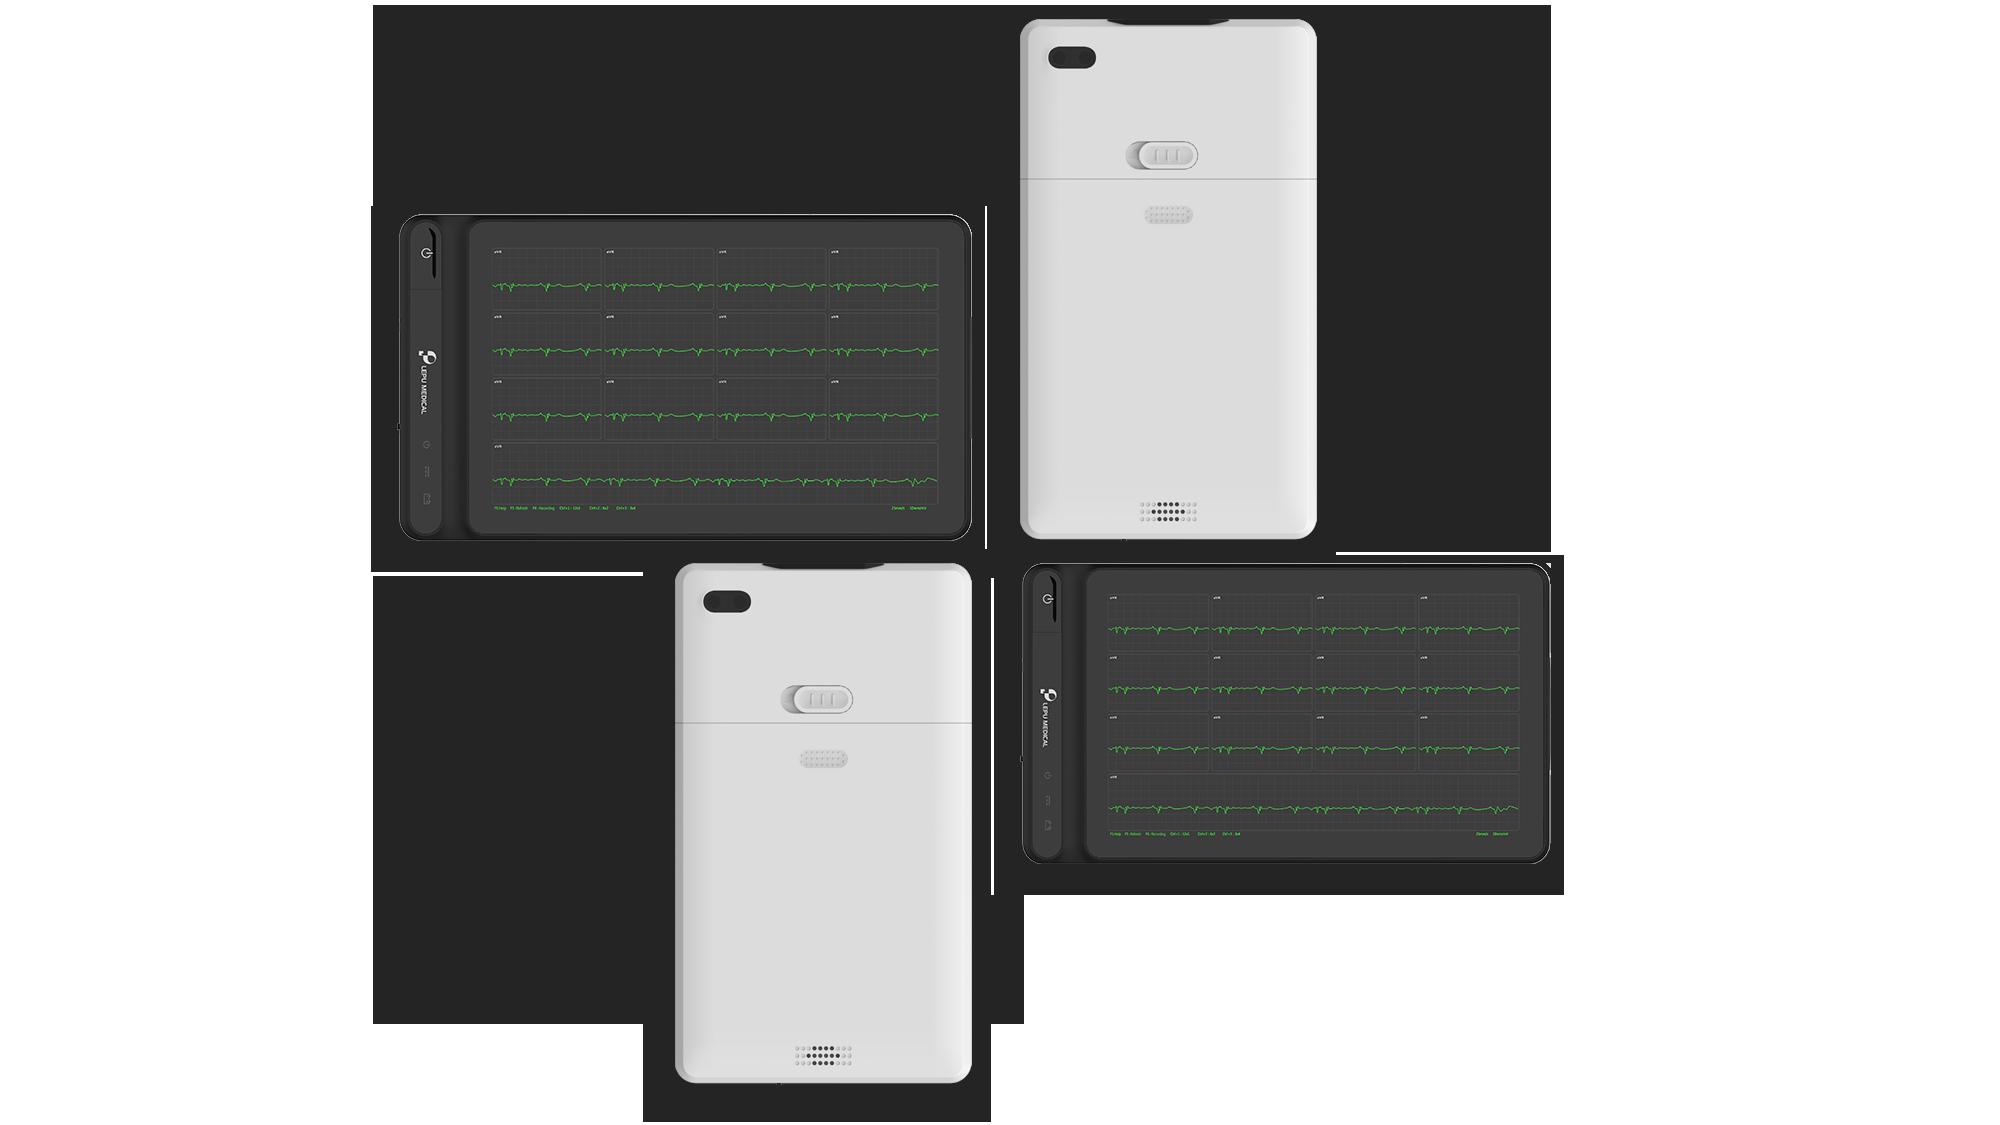 Máquina de ECG de tableta inteligente profesional Wellue de 12 derivaciones con vista frontal y vista posterior.